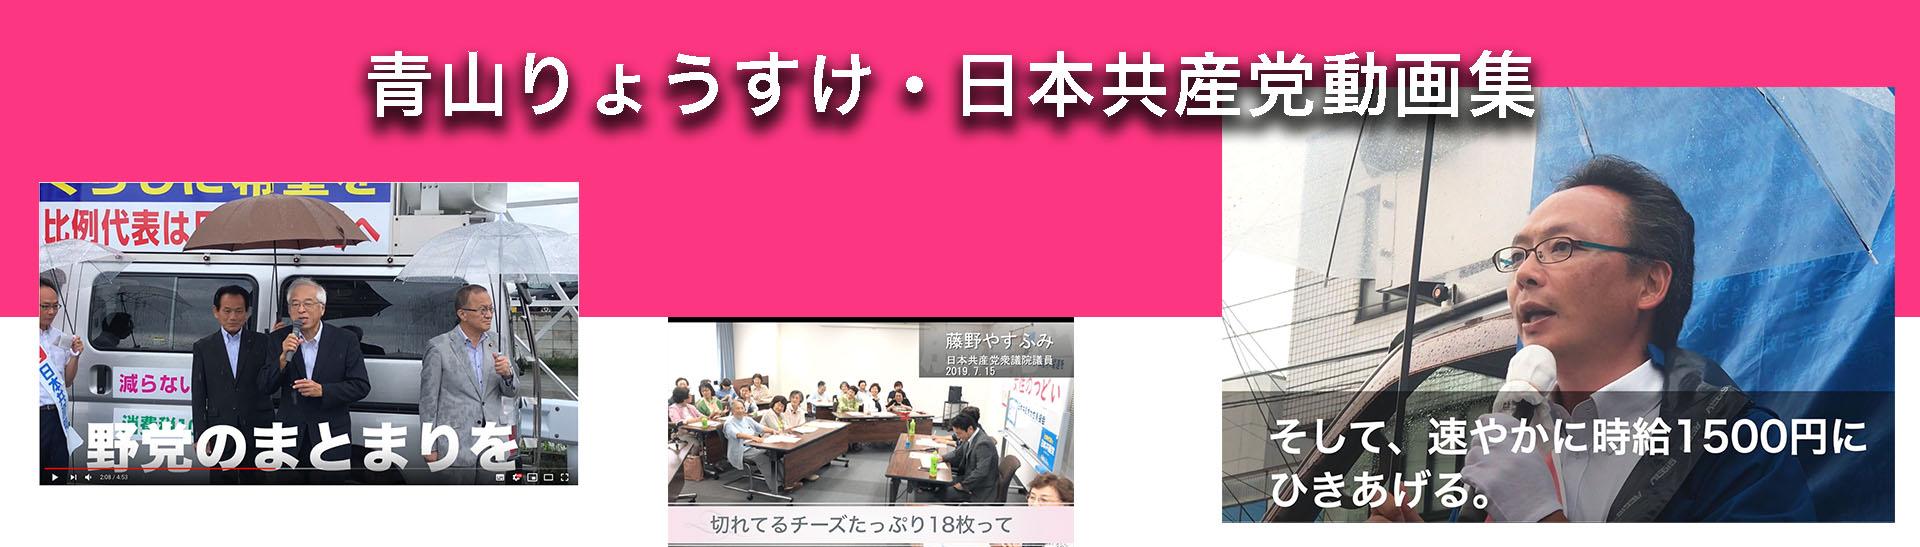 青山りょうすけ・日本共産党動画集